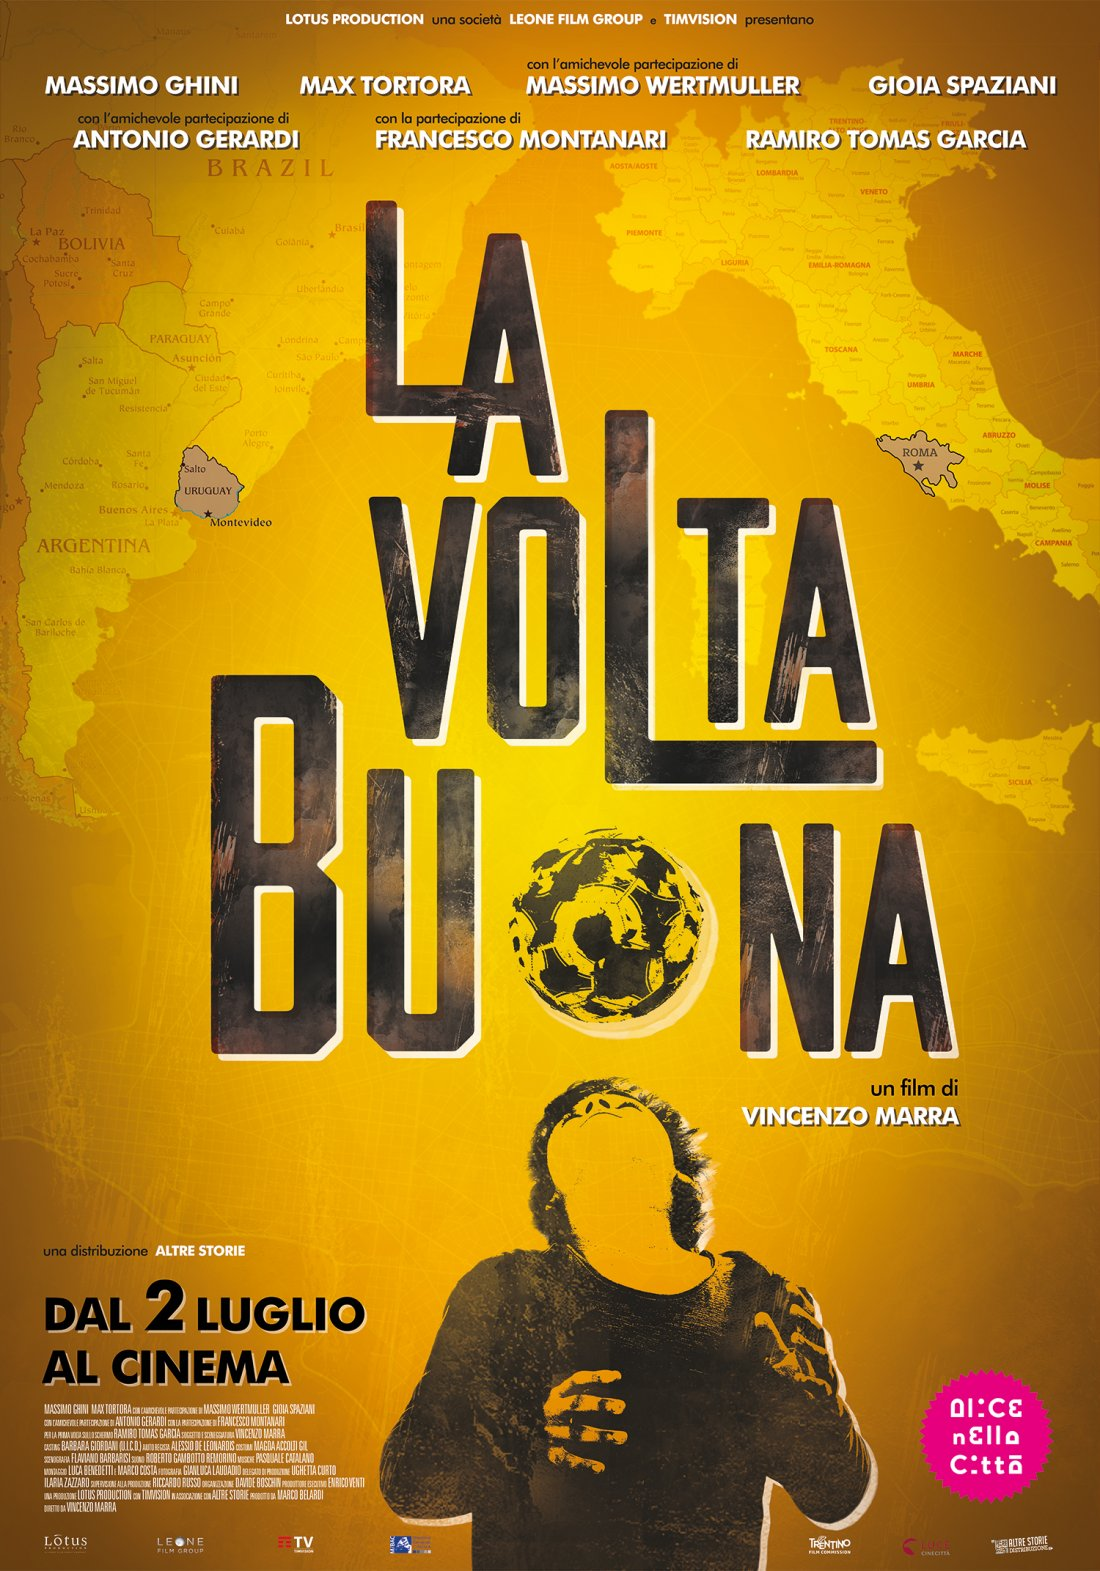 La Volta Buona Xauonzk